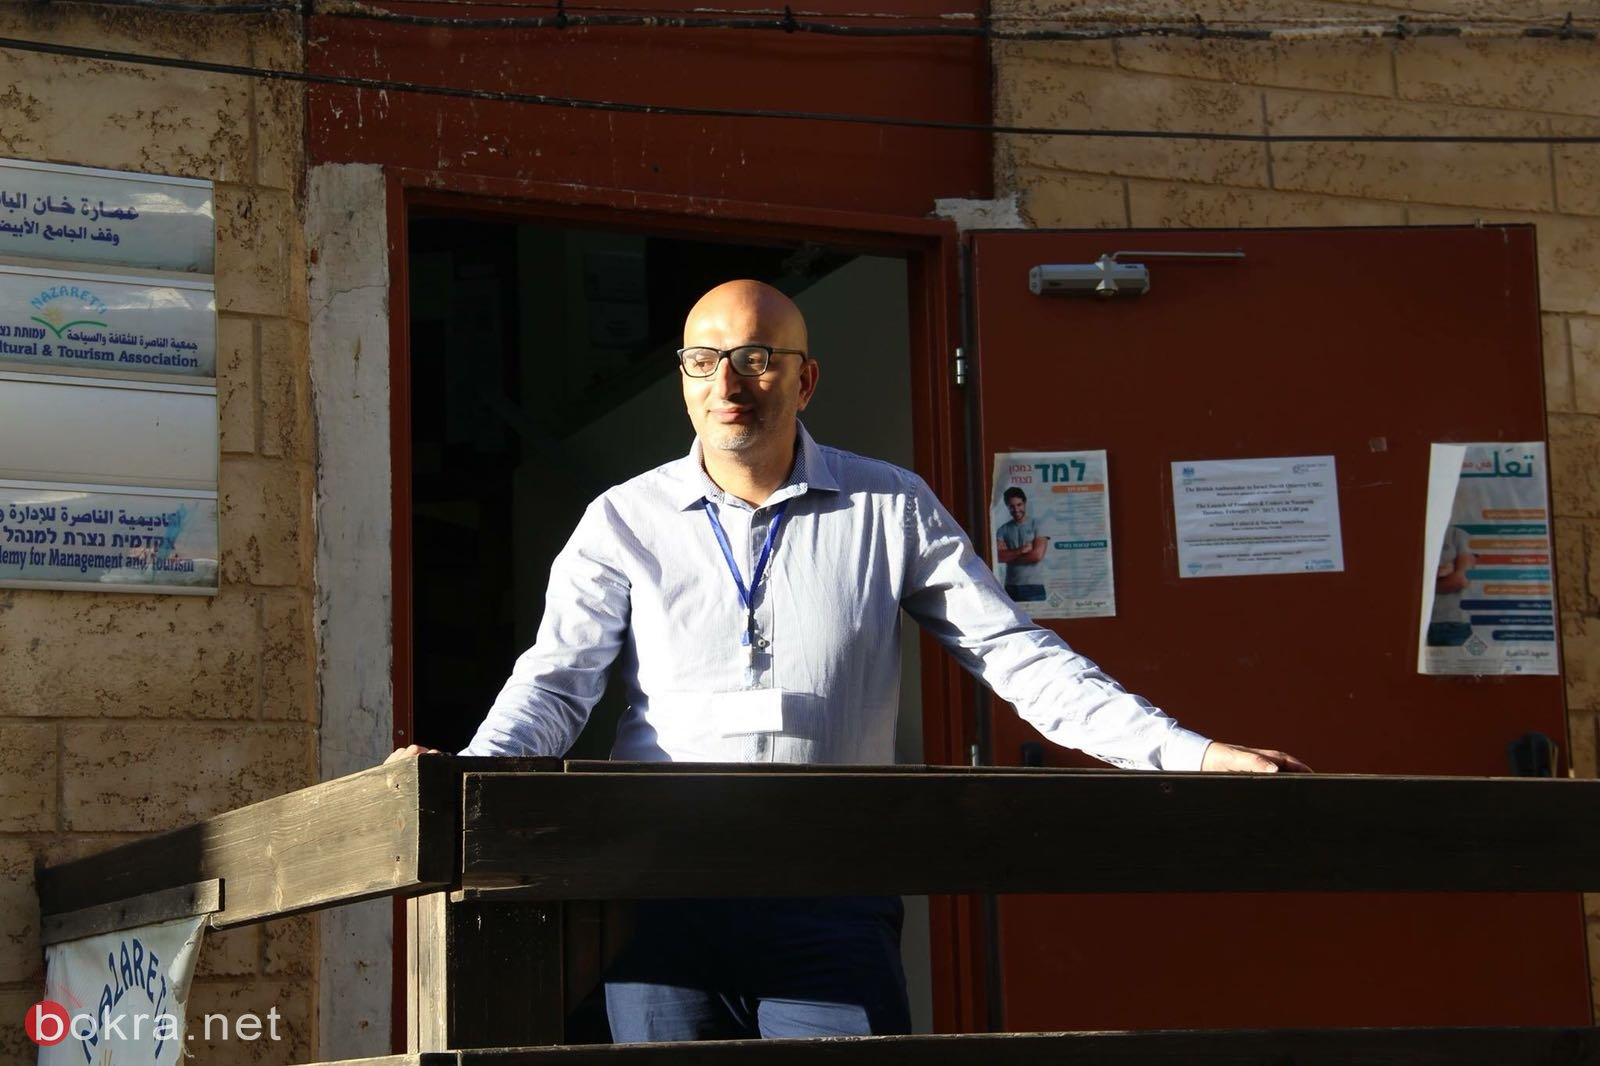 نقاش فحماوي حاد حول ماراثون المبادرة الفحماوية الخيري